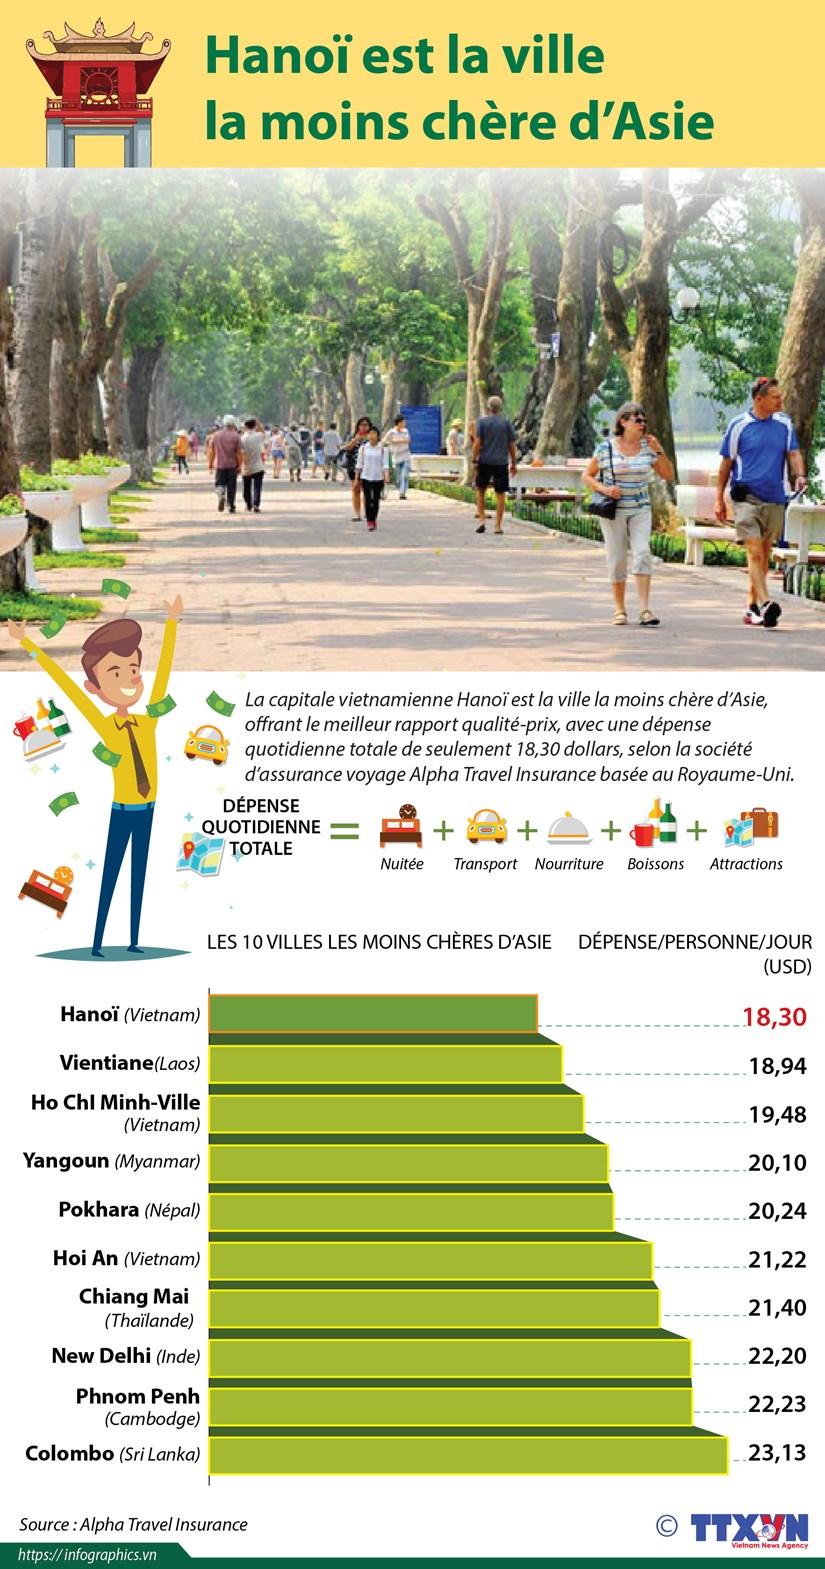 Hanoi est la ville la moins chere d'Asie hinh anh 1